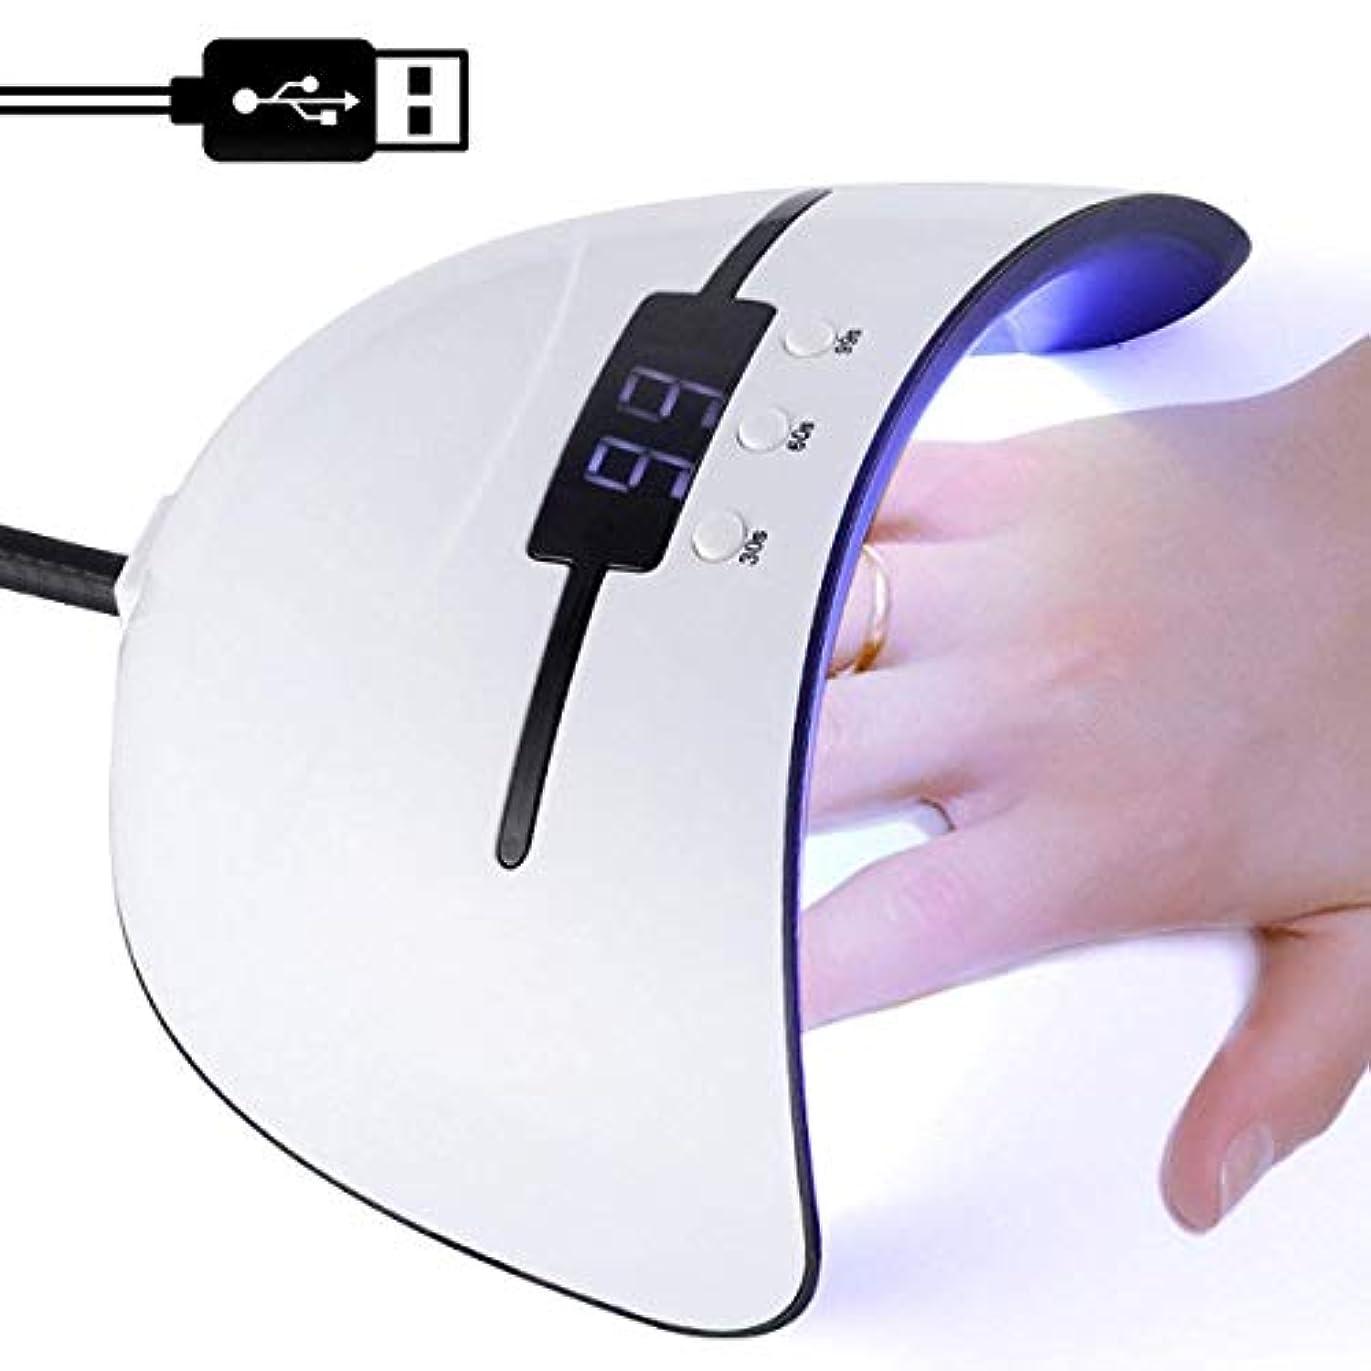 かまどラフレシアアルノルディ取り壊すネイルドライヤー 硬化用ライト 36w 美肌搭載 爪の薄い女性でも安心 液晶モニター センサーが感知 全ジェル対応 LED UV ネイルライト